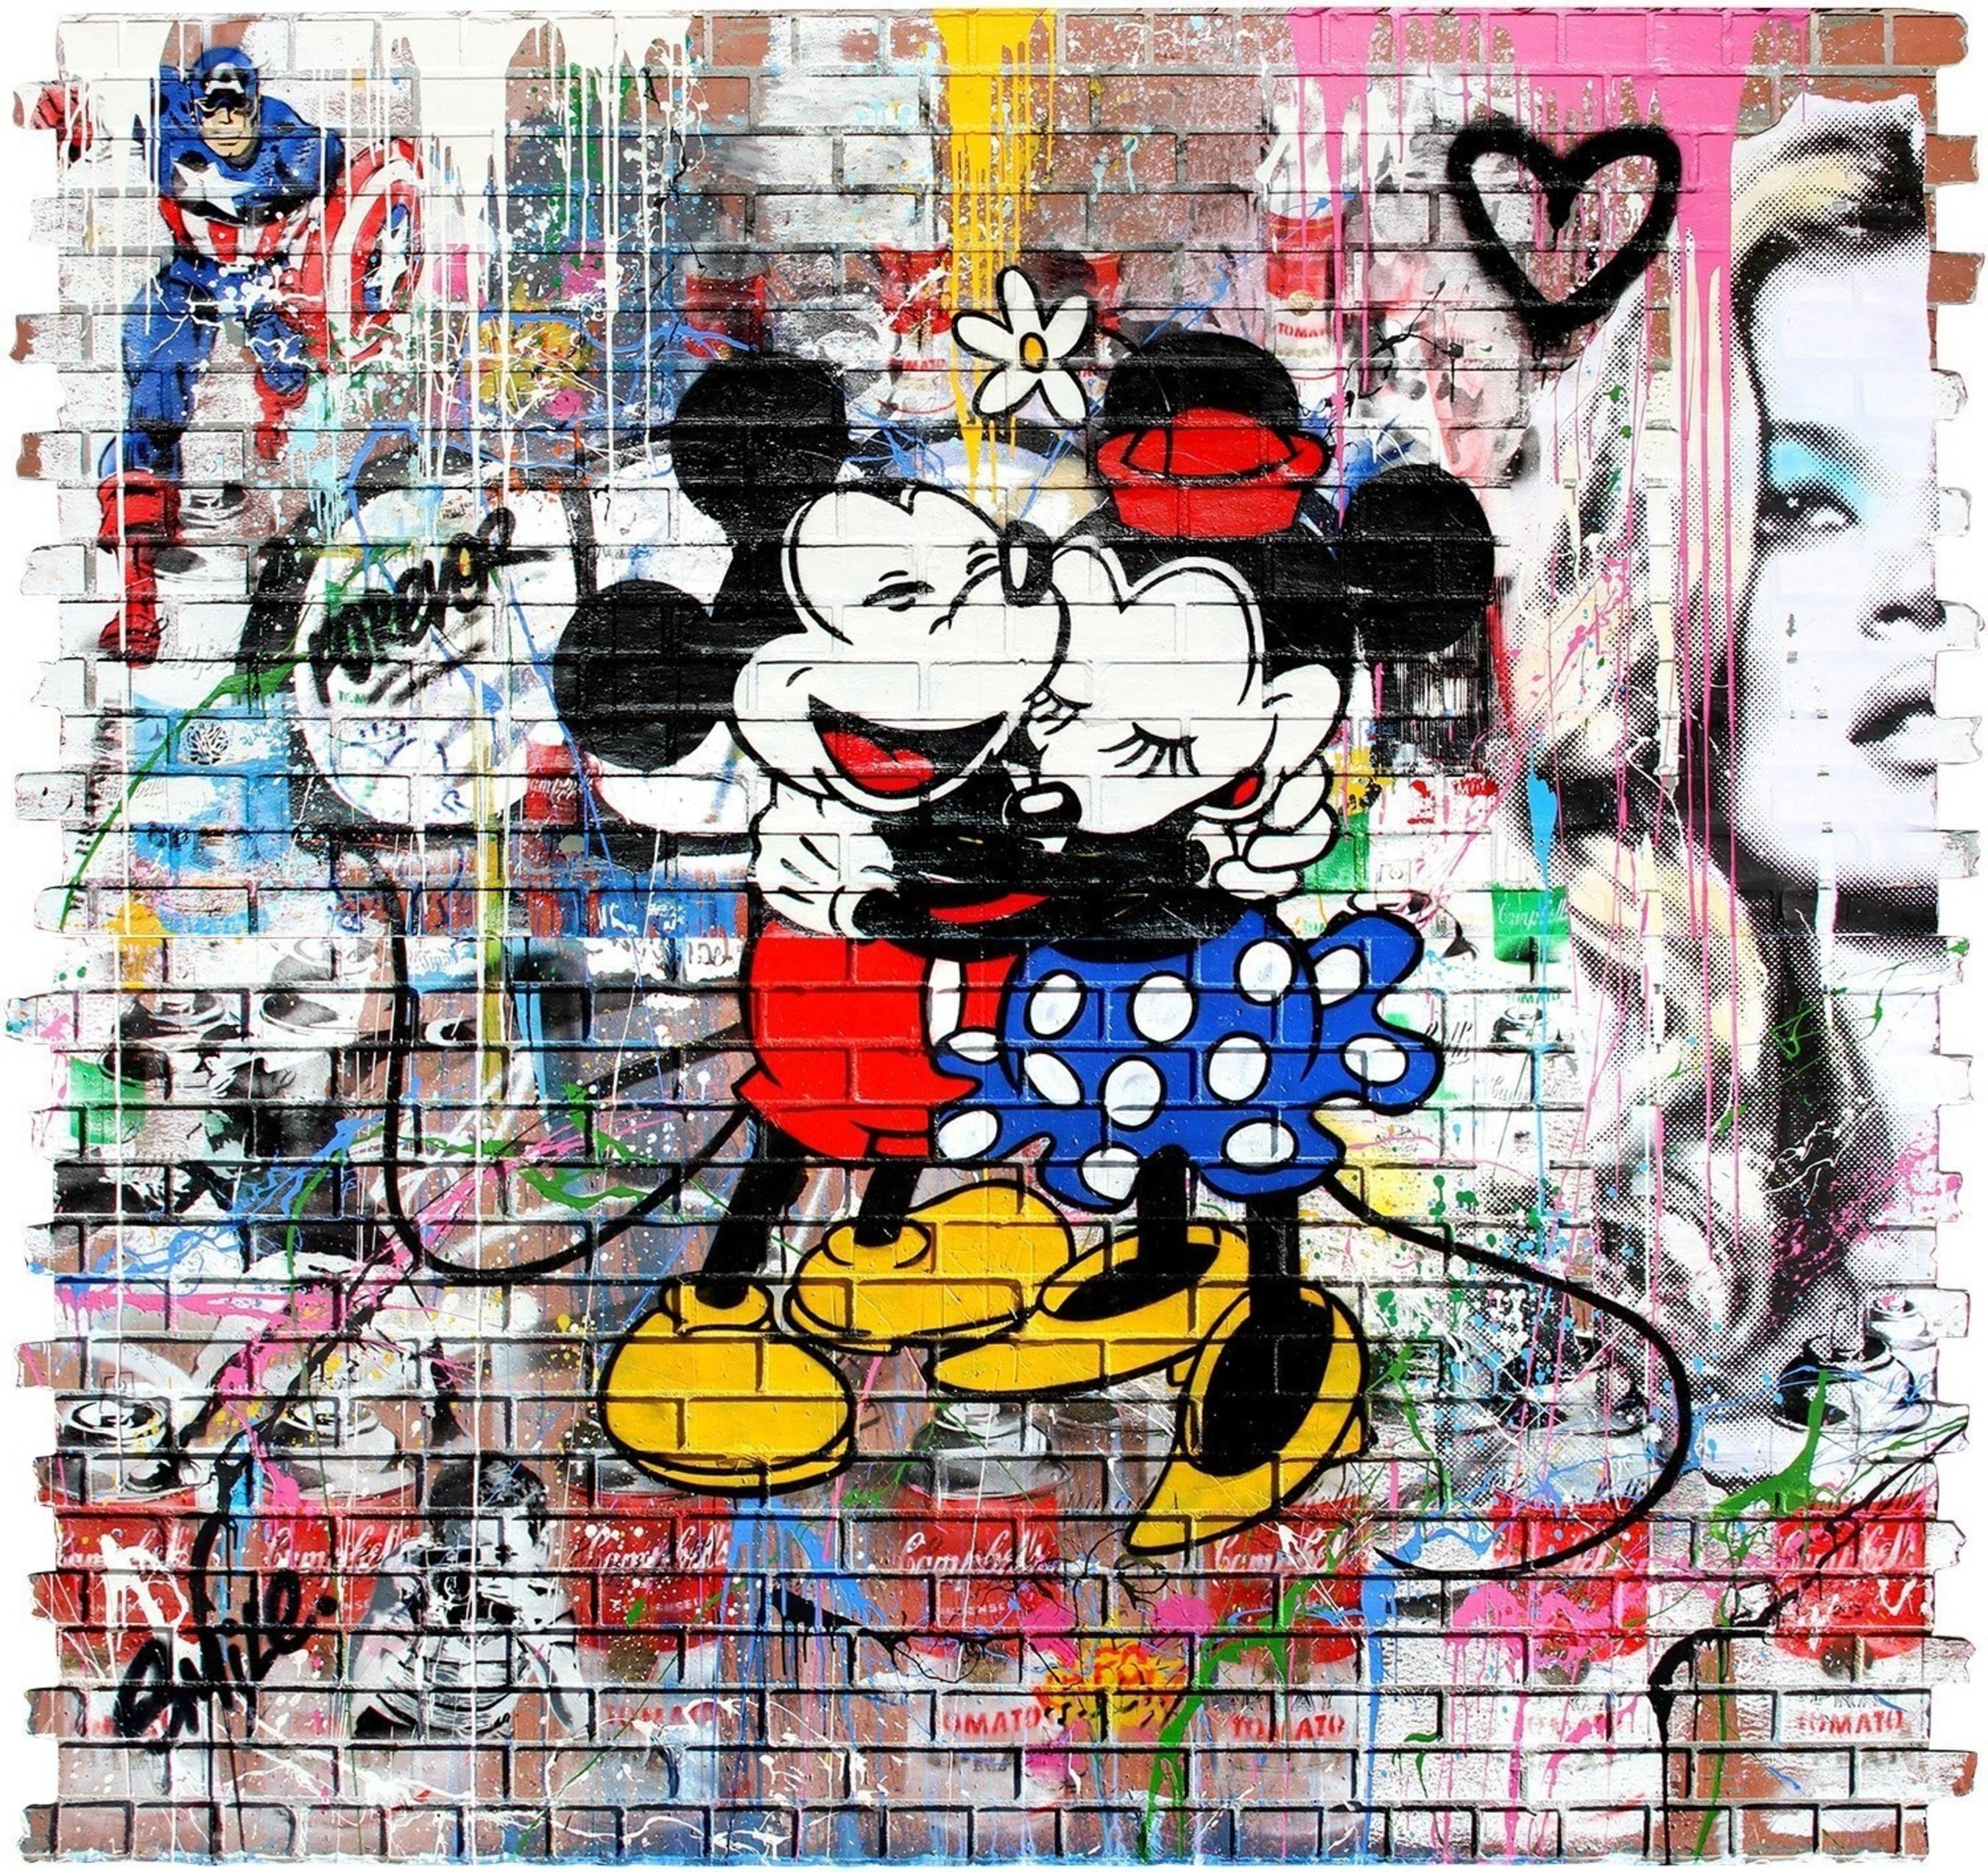 Mr. Brainwash (B. 1966 - ) Mickey & Minnie, 2016 Stencil and Mixed Media on Fiberglass Brick Wall, 96 x 102 inches